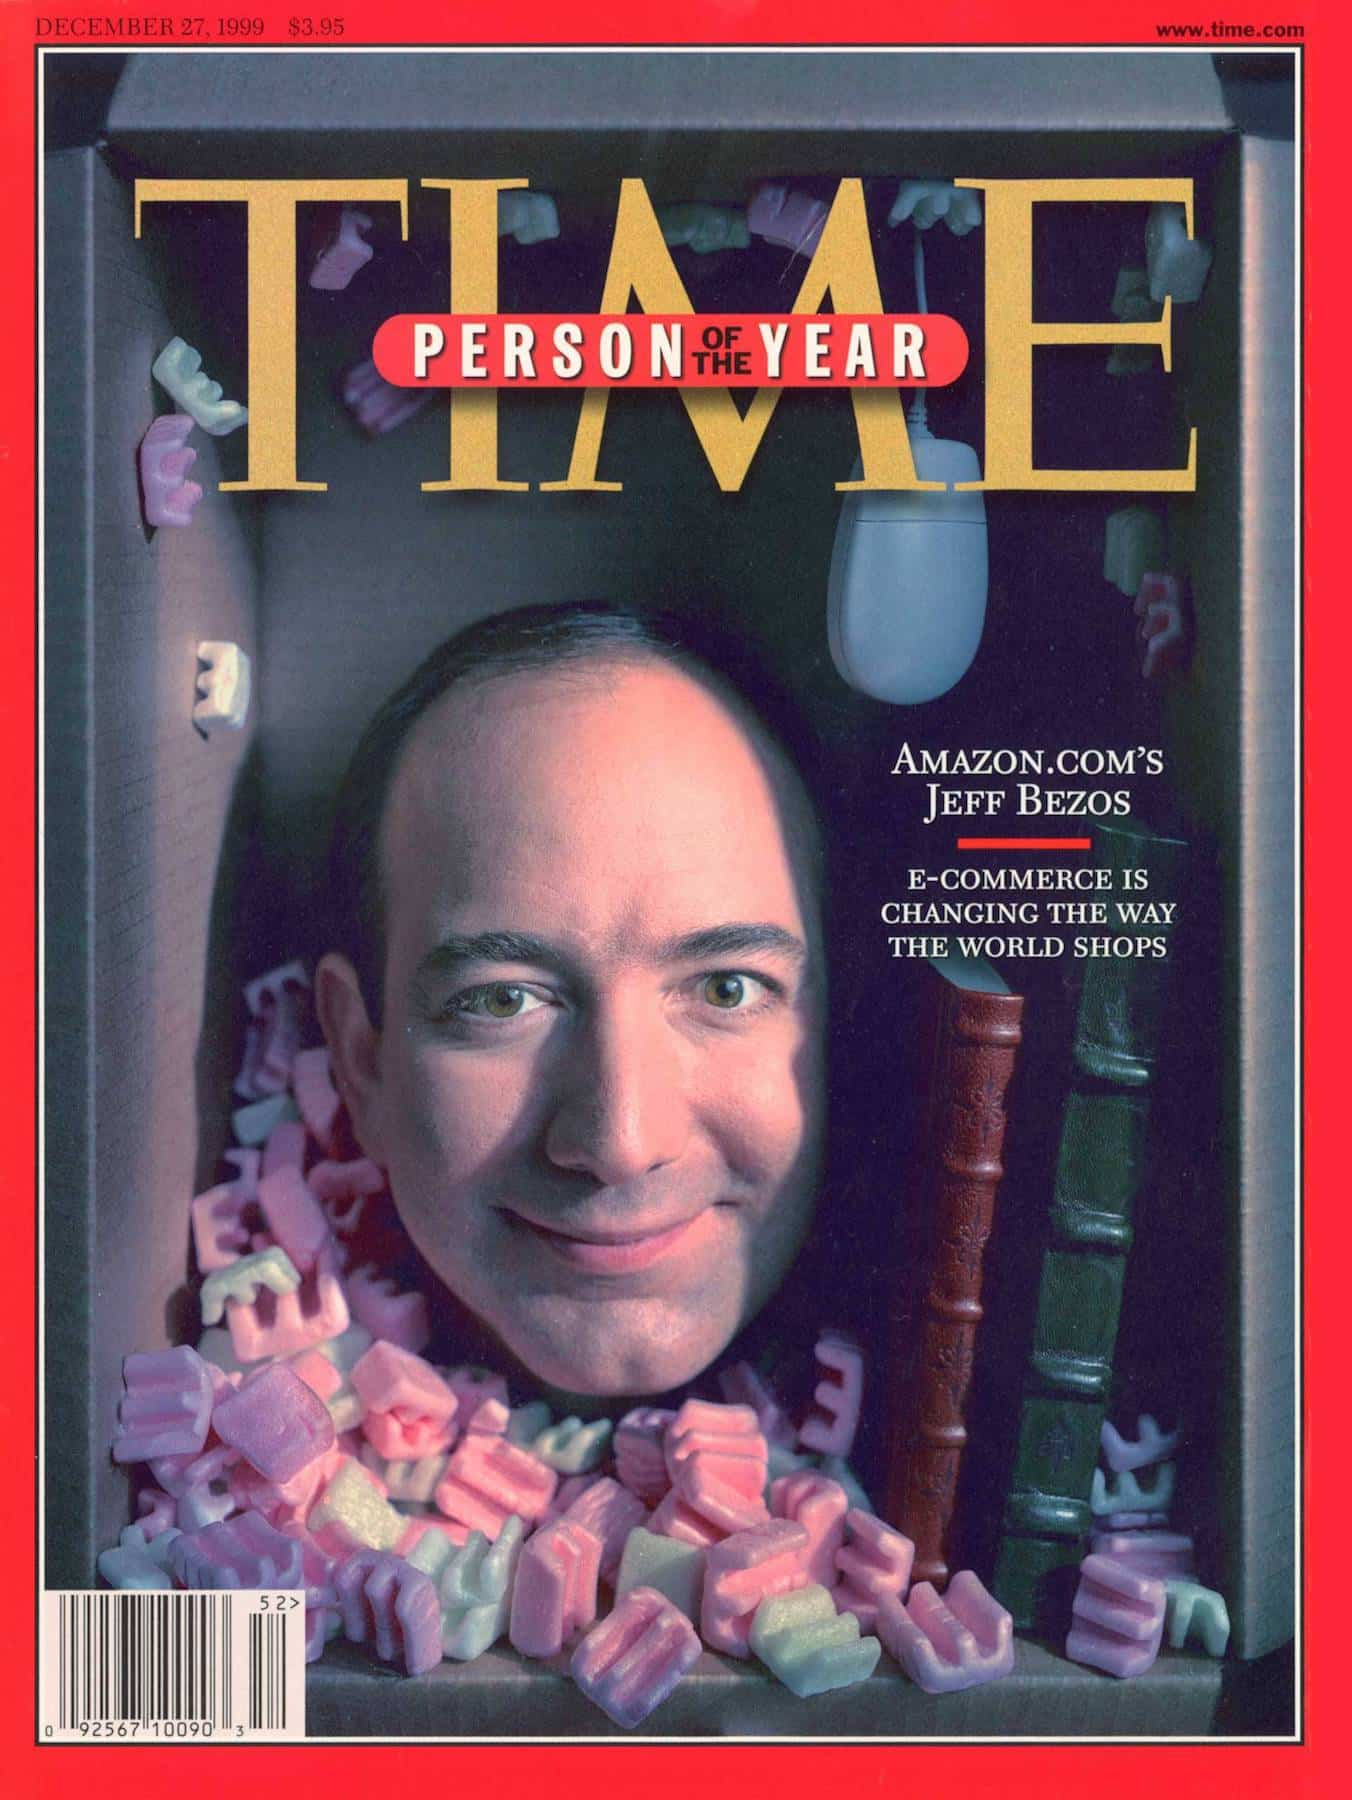 Jeff Bezos, persona del año en revista TIME